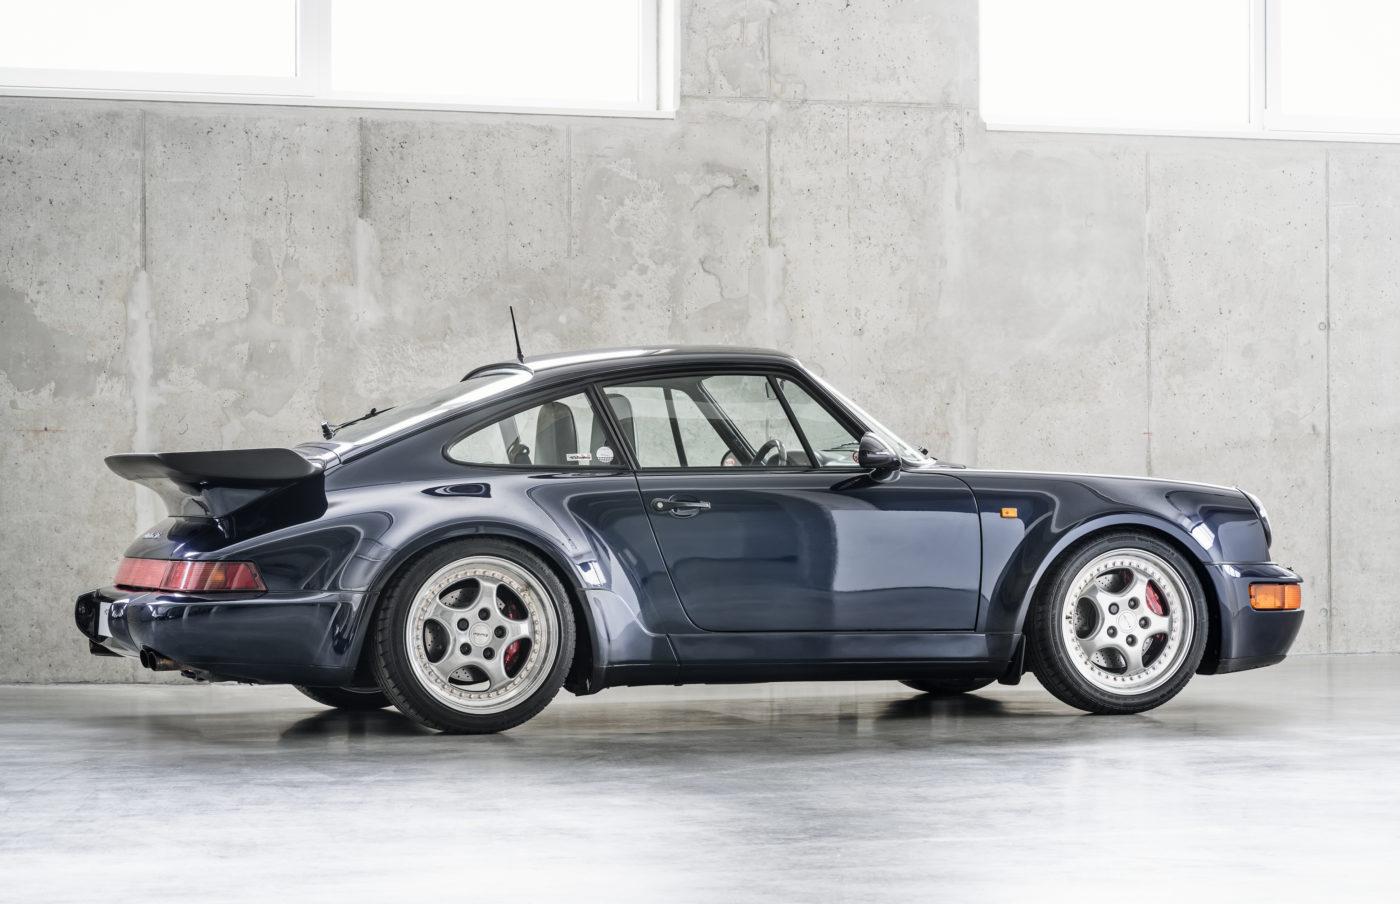 Kaufberatung – Der Porsche 964 Turbo